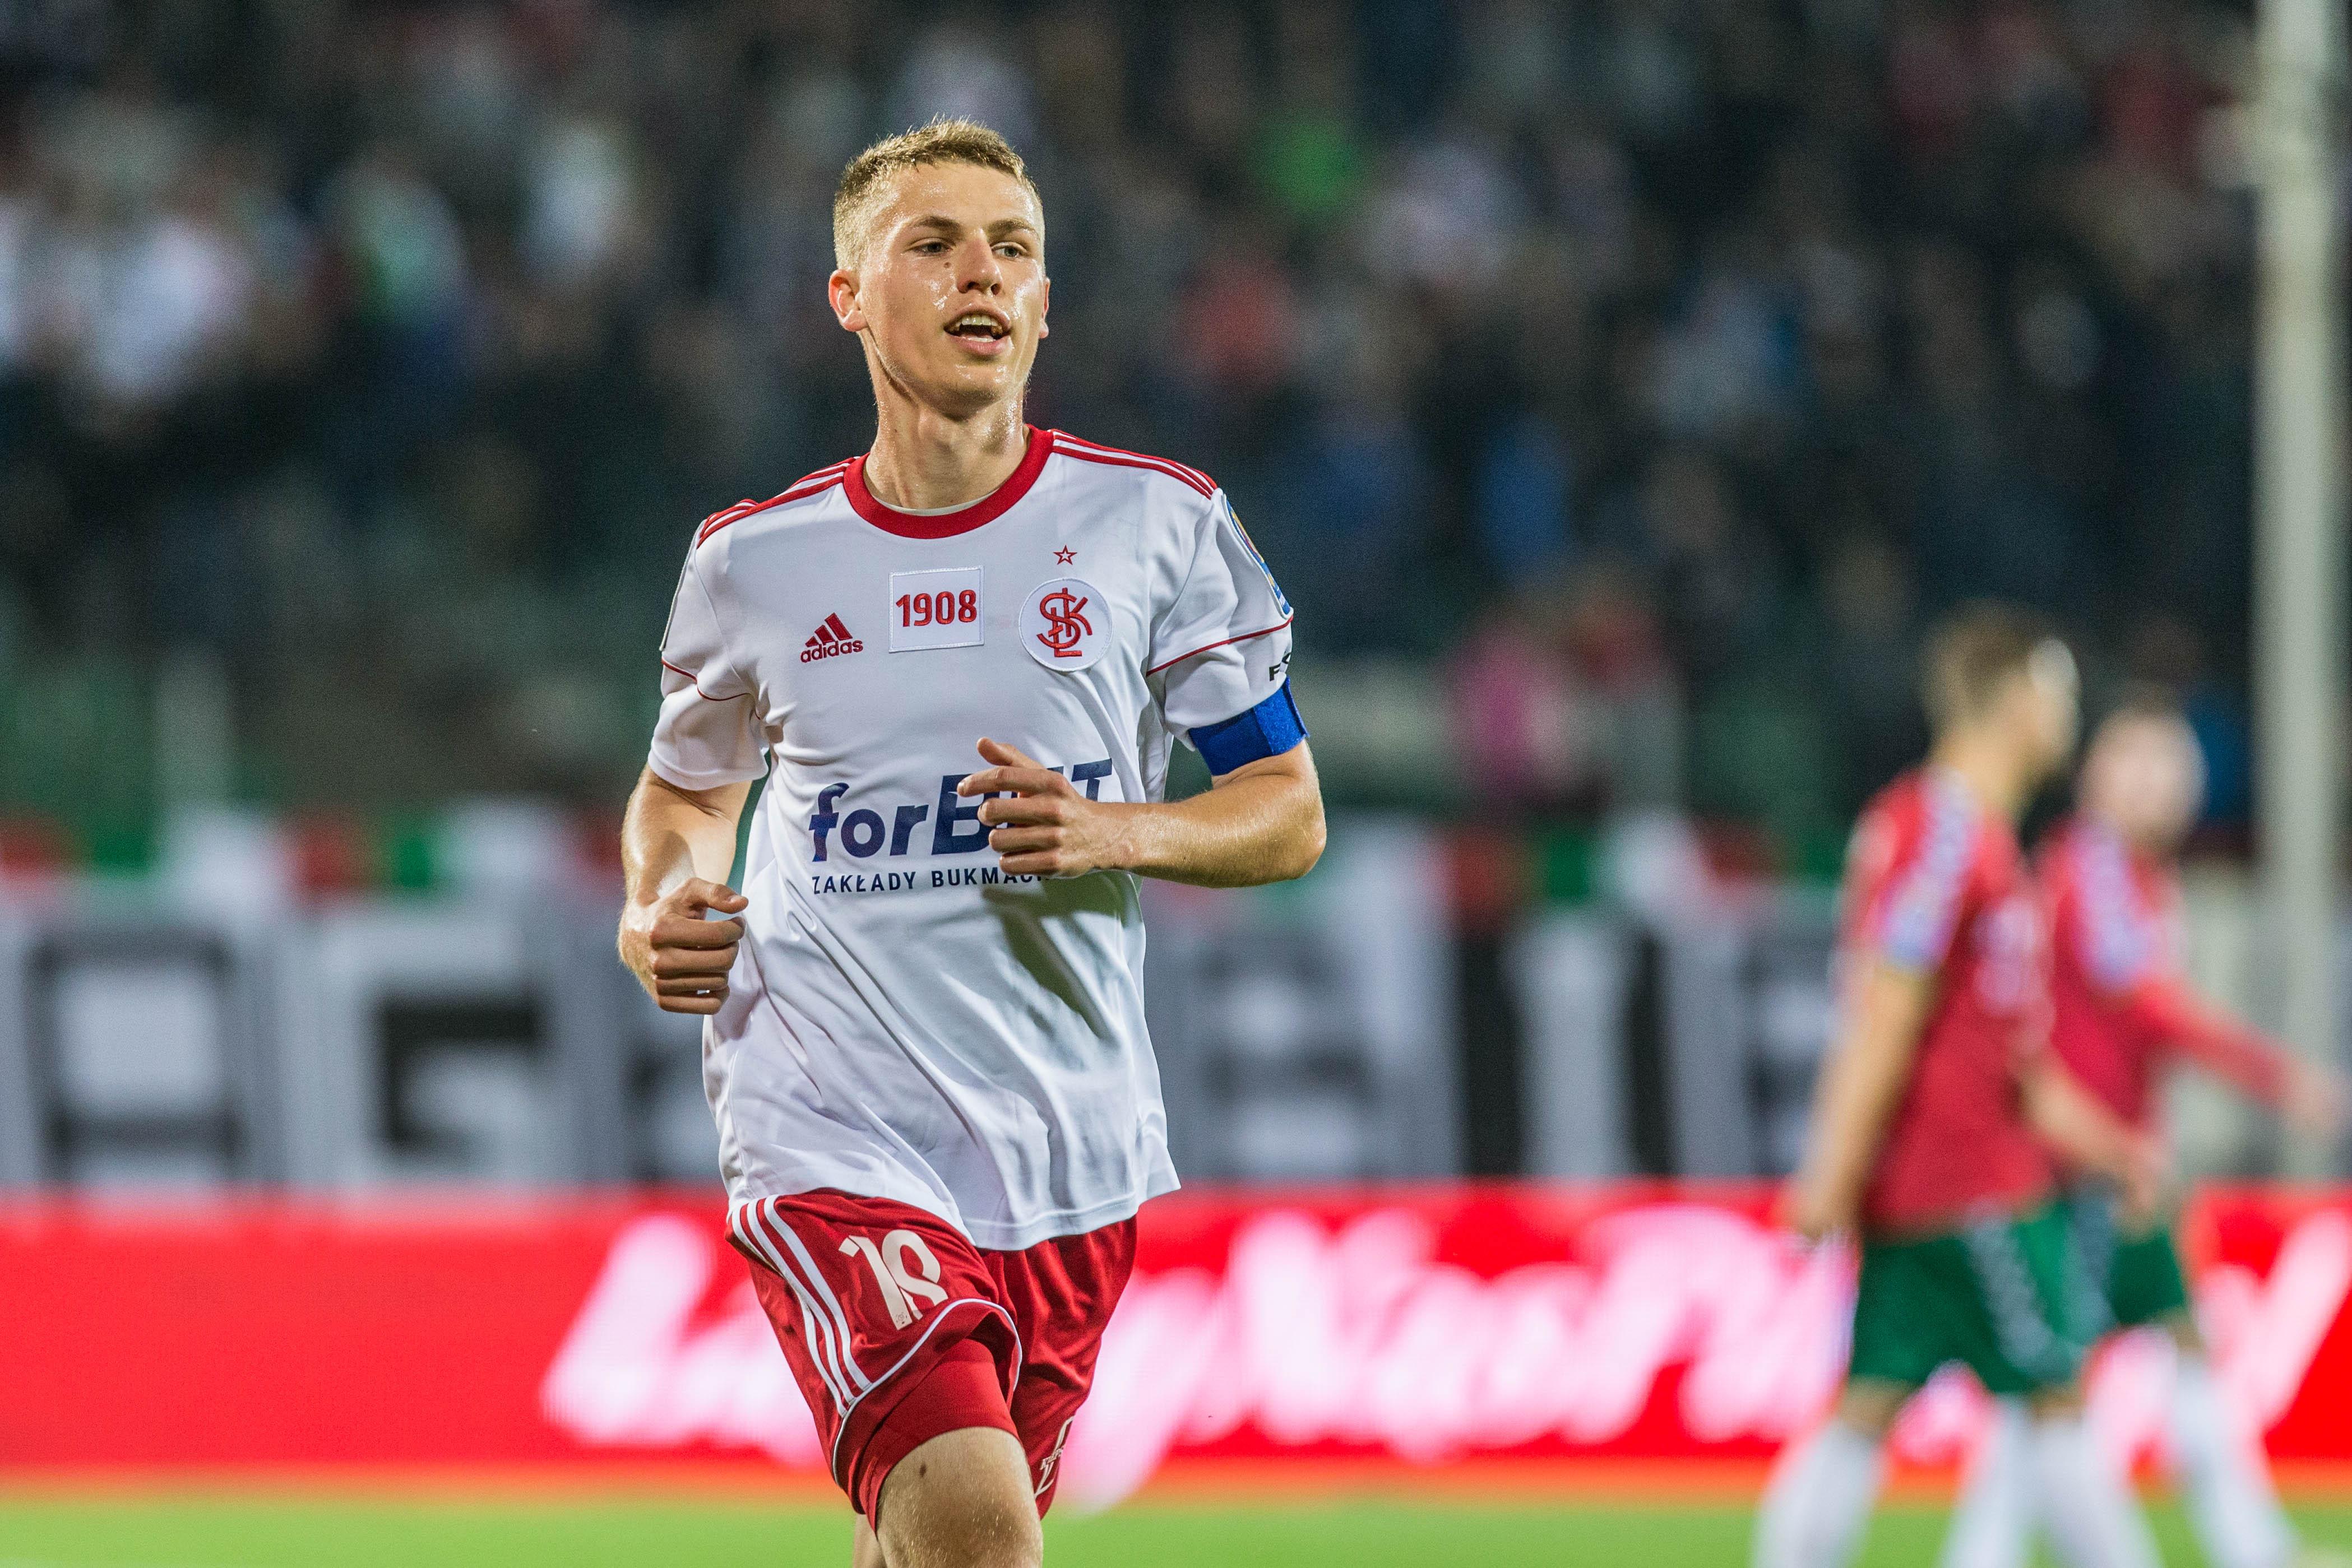 PKO Ekstraklasa: ŁKS Łódź - Wisła Płock na żywo. Transmisja TV, stream online. Gdzie oglądać? - Sport WP SportoweFakty